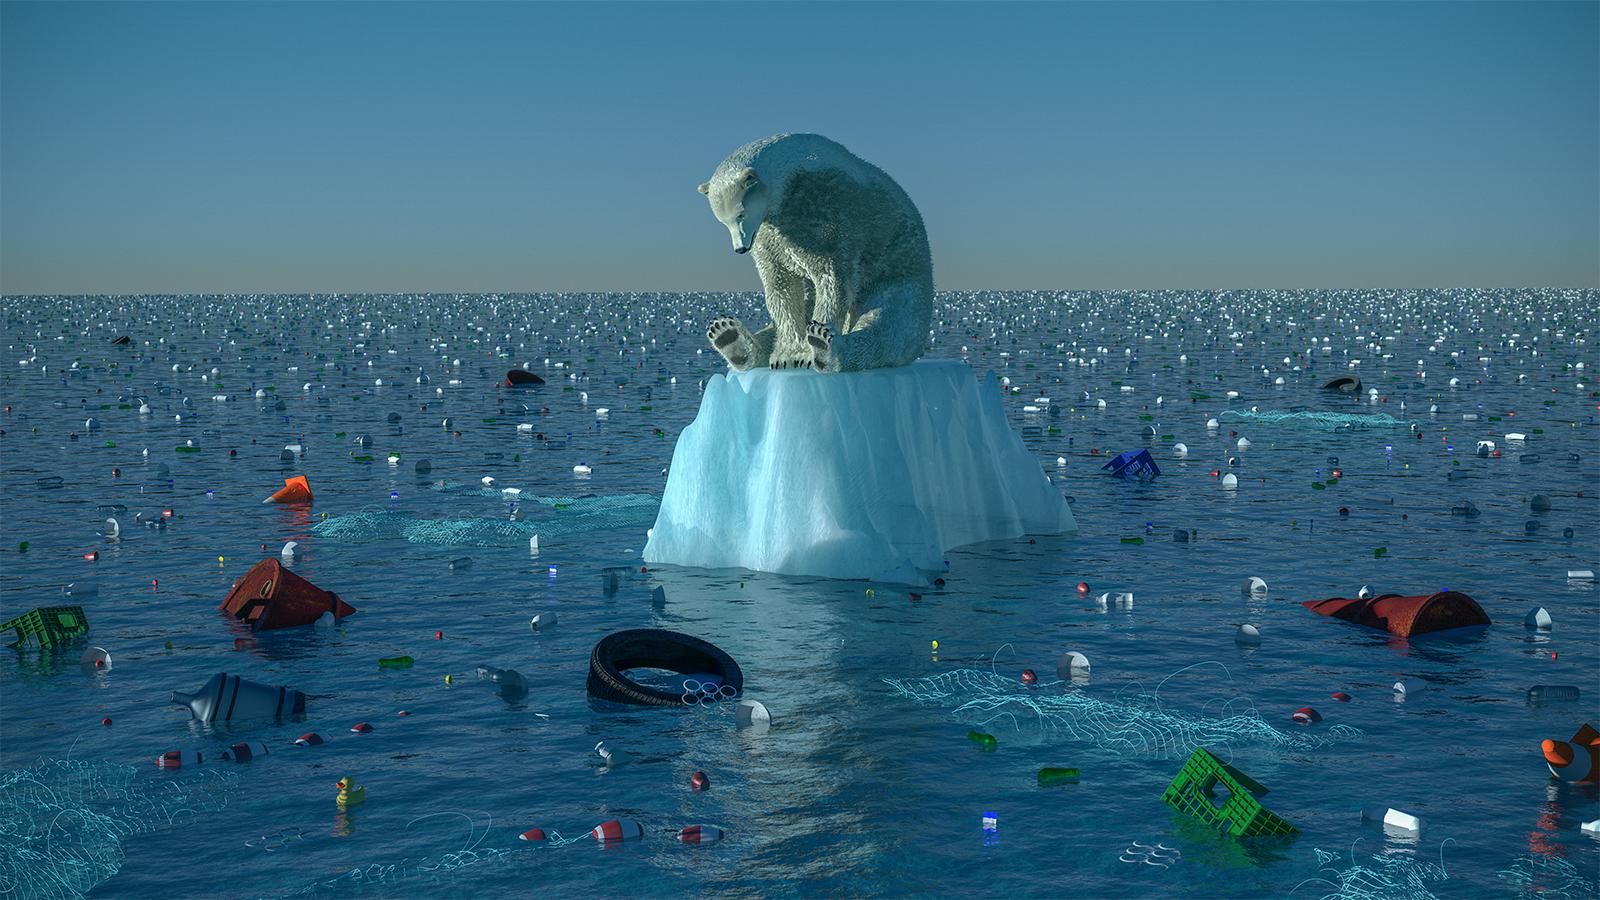 İklim değişikliği ve psikolojik etkileri; Eko-endişe